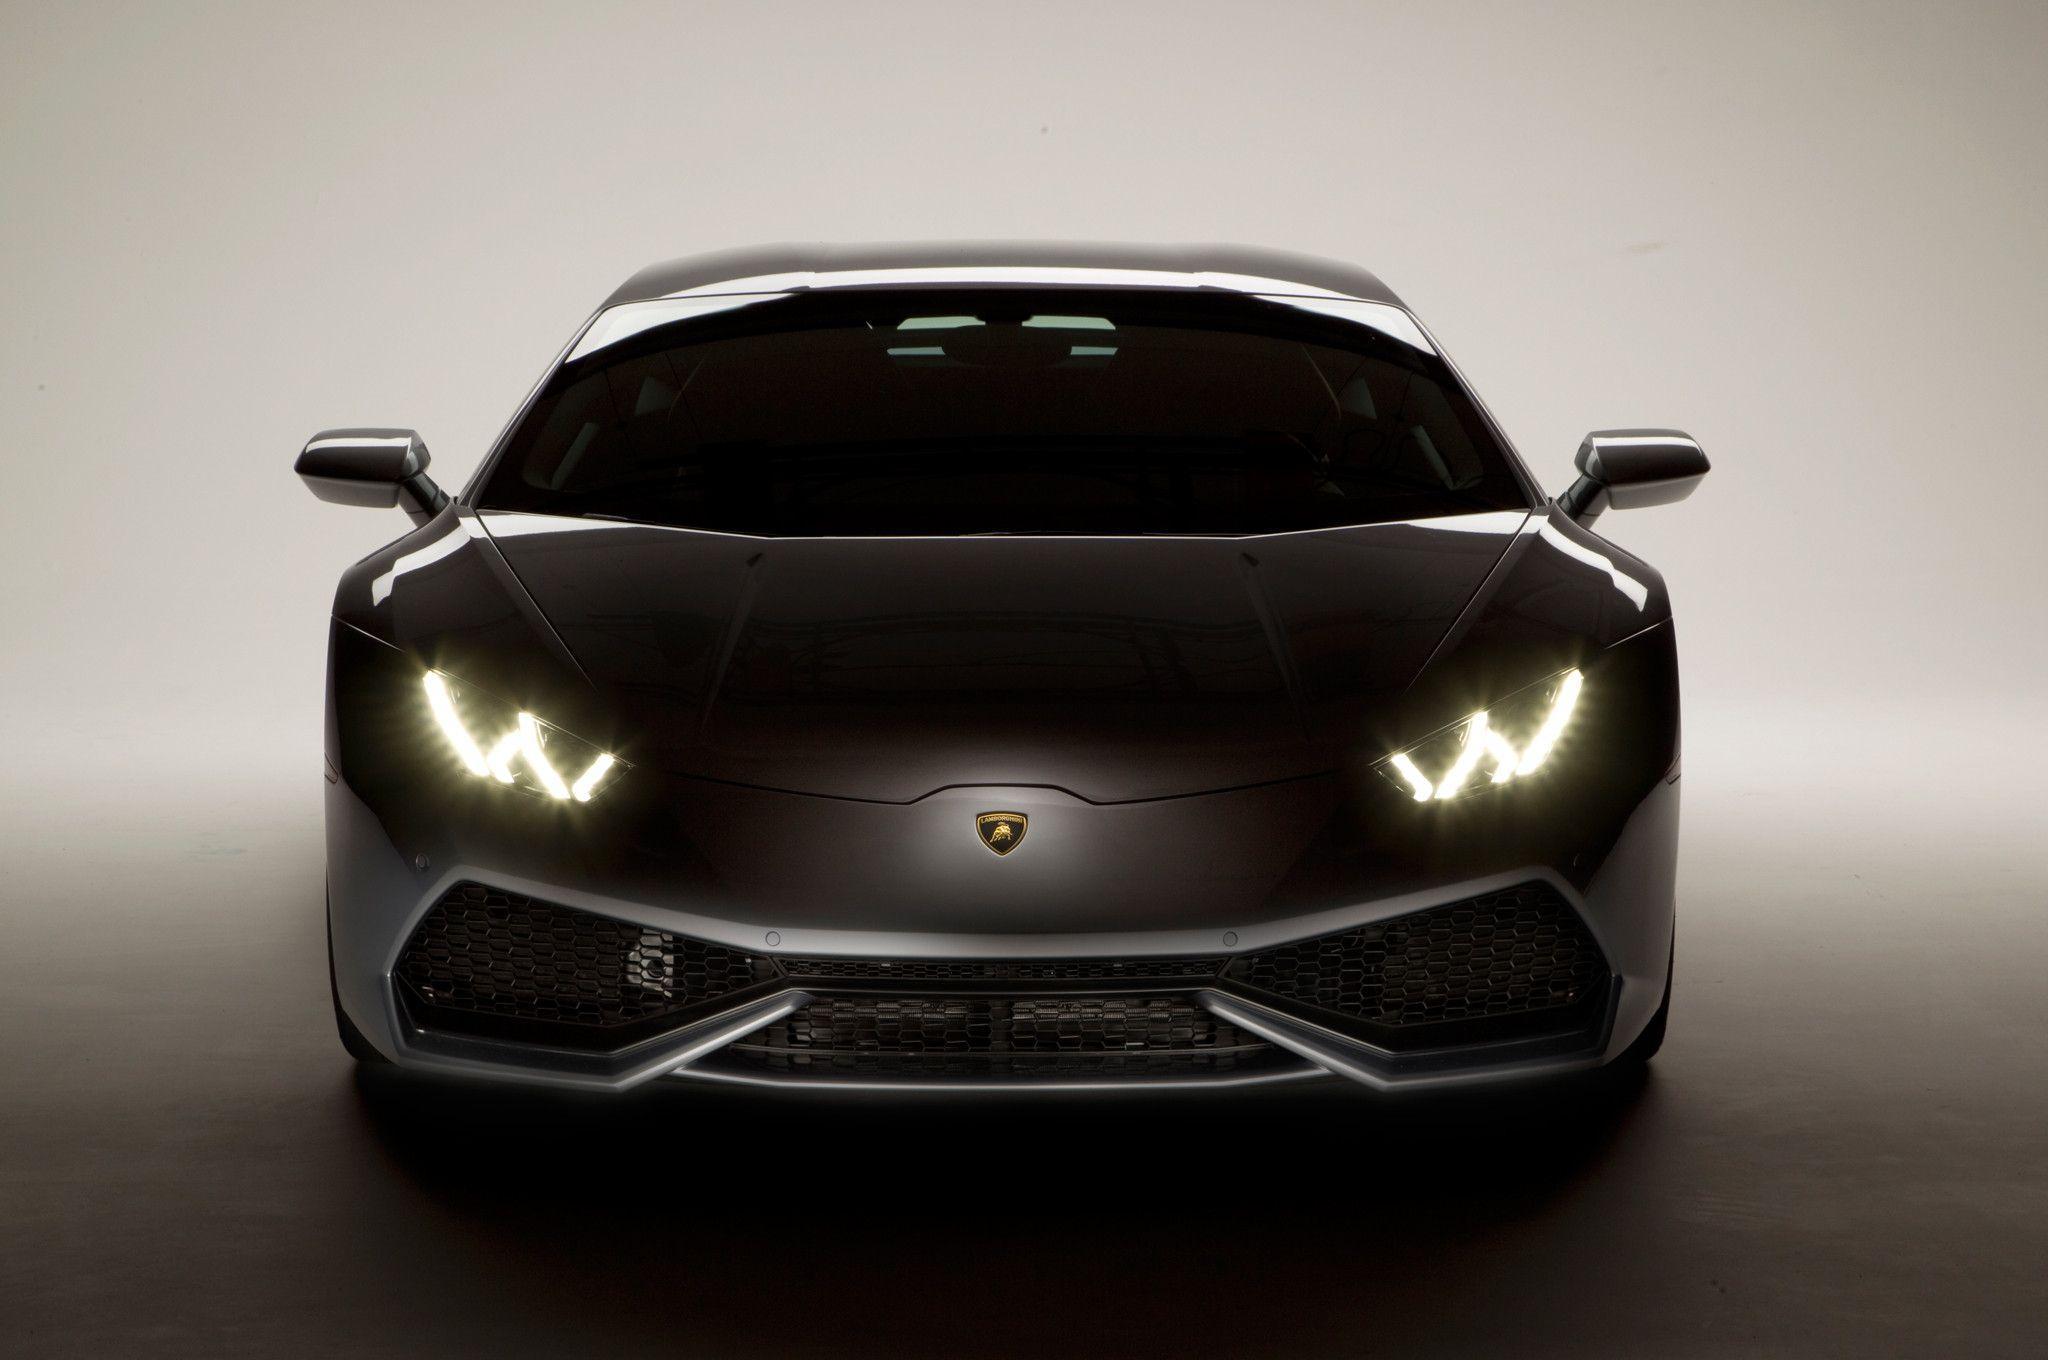 2015 lamborghini huracan front headlight hd wallpaper for desktop - Lamborghini Huracan Hd Wallpapers 1080p